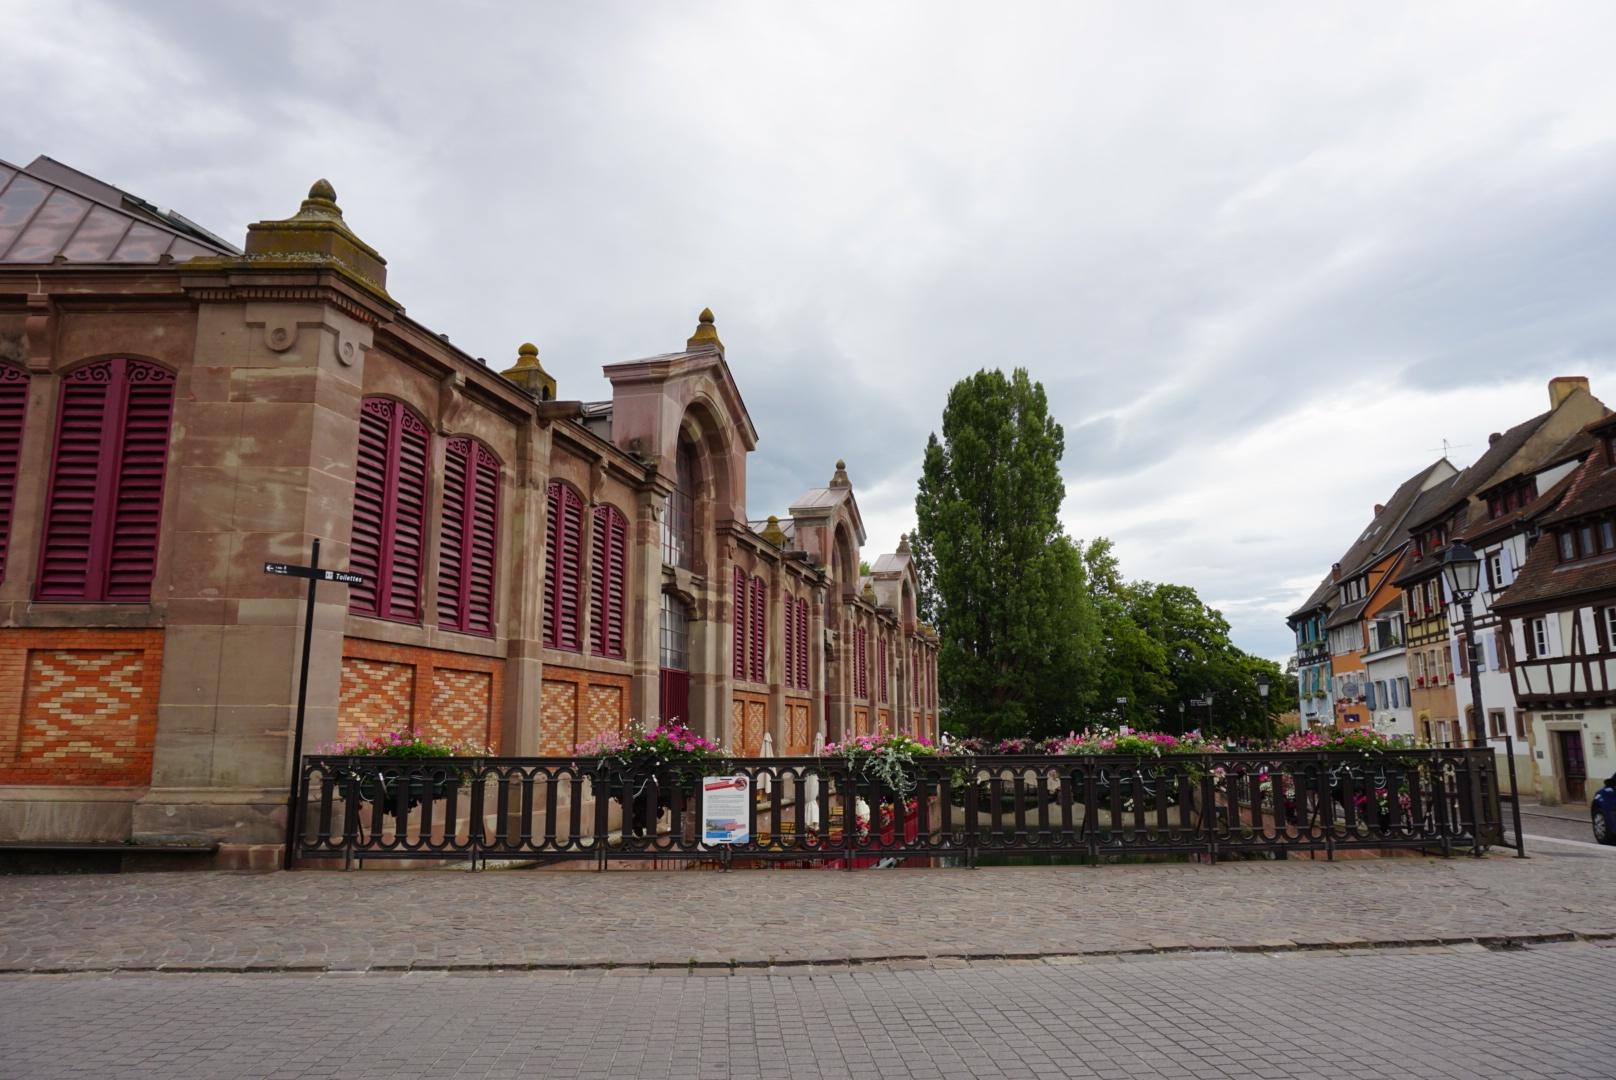 Die Markthalle von Colmar. Marche Couvert in derRue des Écoles